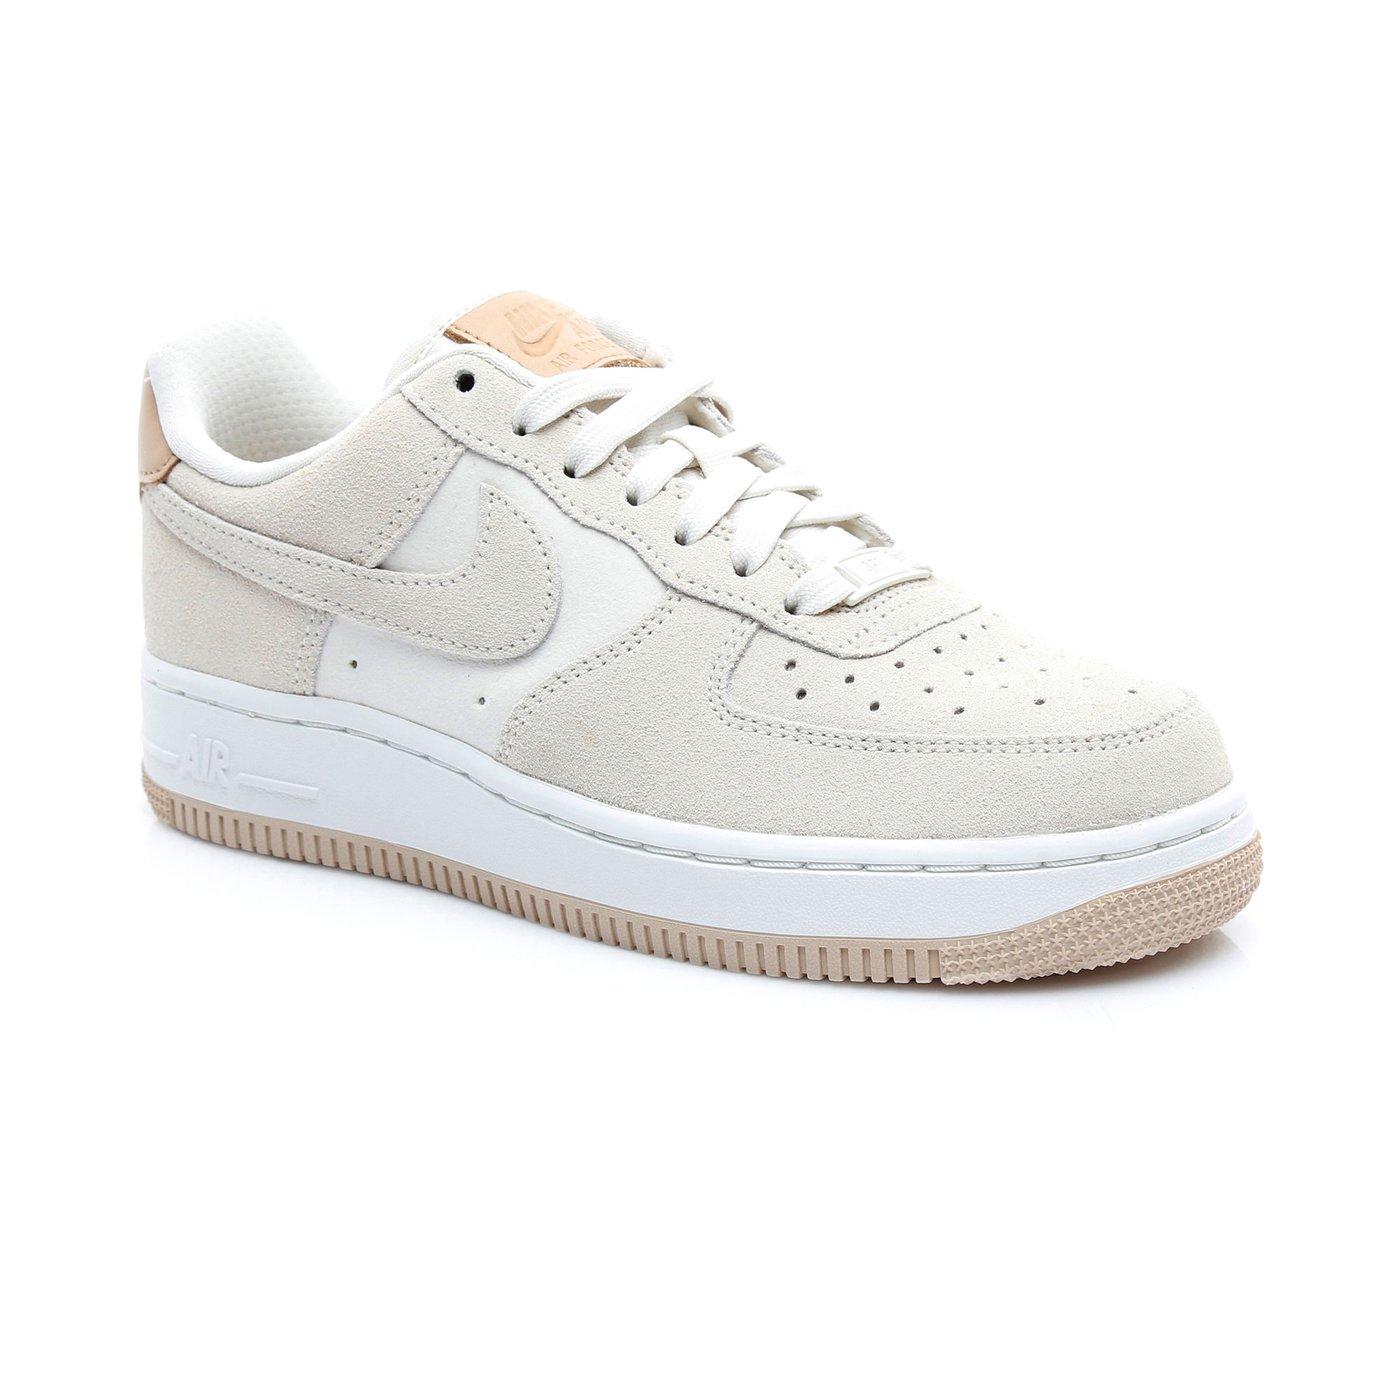 Nike Wmns Air Force 1 '07 Prm Kadın Krem Spor Ayakkabı